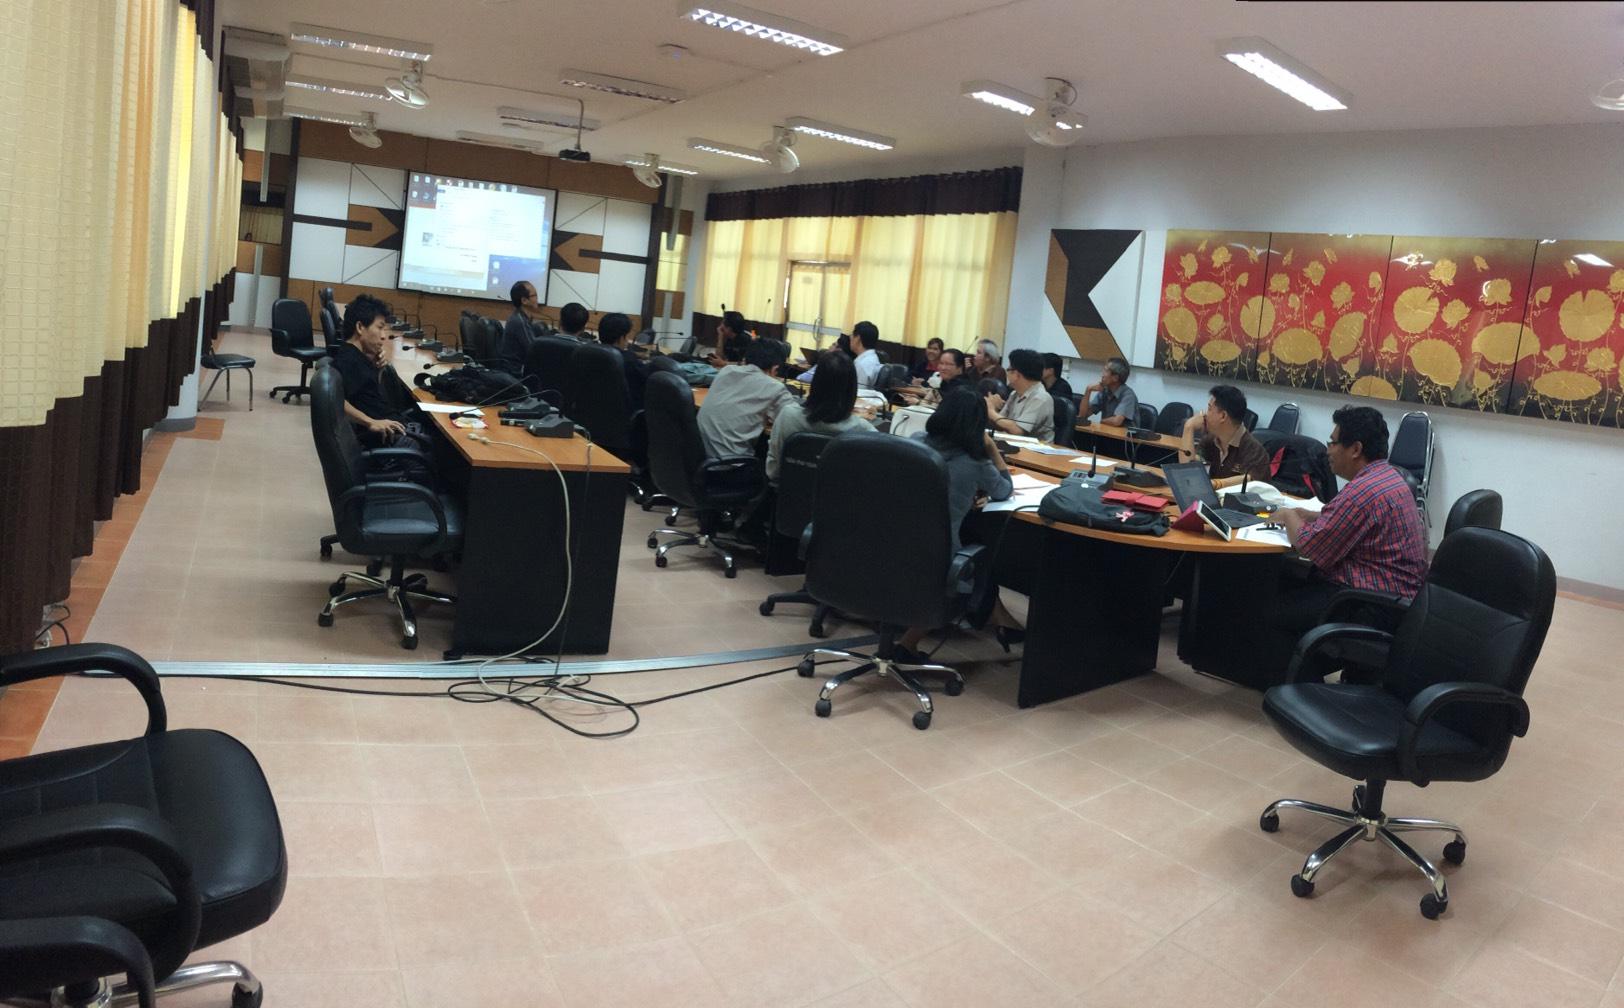 หลักสูตรวิศวกรรมไฟฟ้าจัดประชุมสาขาฯ